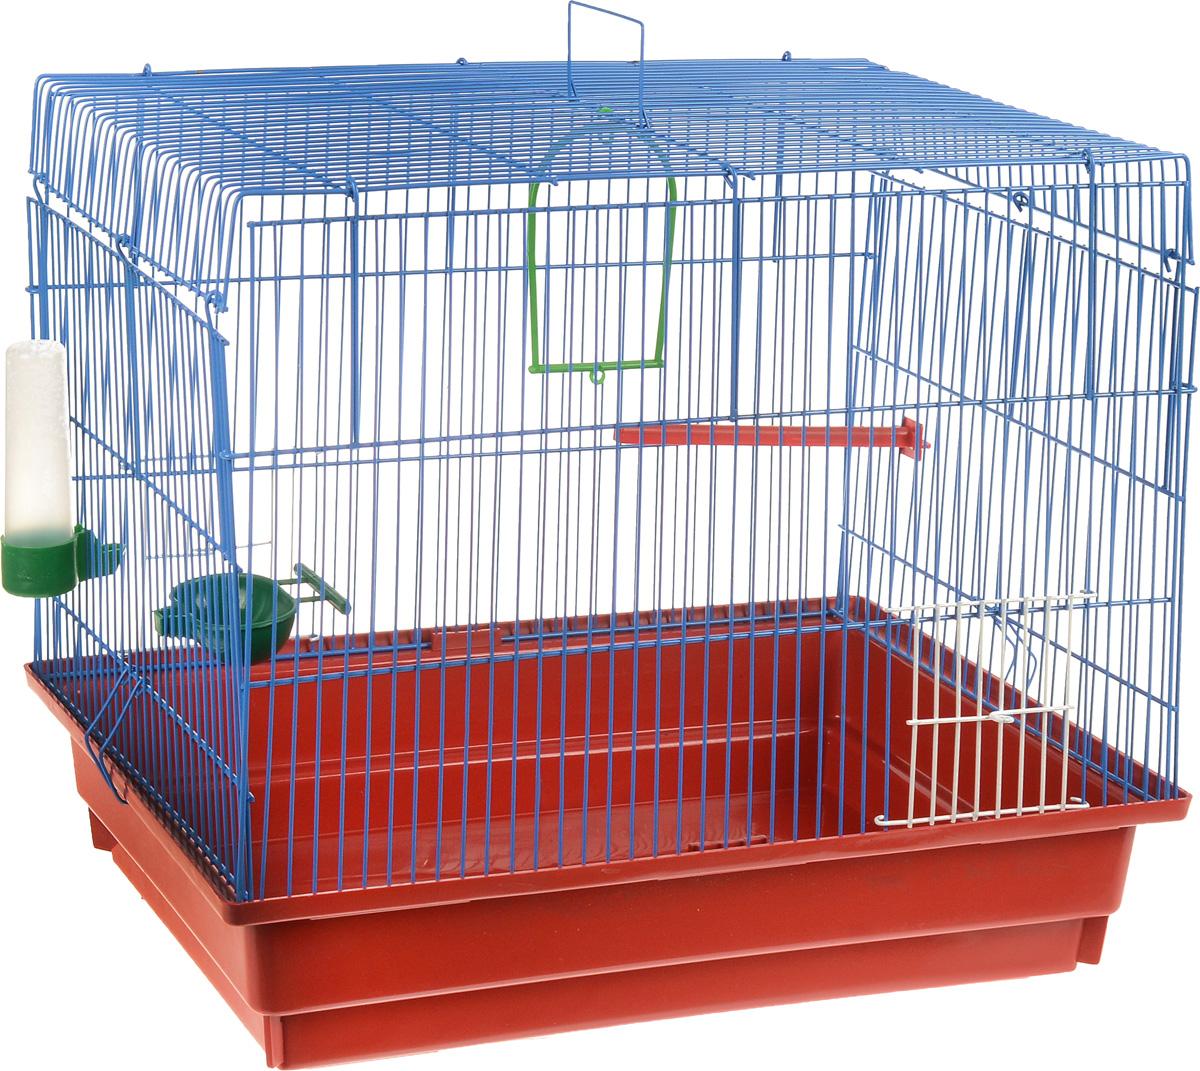 Клетка для птиц ЗооМарк, цвет: красный поддон, синяя решетка, 50 х 31 х 41 см470_красный, синийКлетка ЗооМарк, выполненная из полипропилена и металла с эмалированным покрытием, предназначена для птиц. Изделие состоит из большого поддона и решетки. Клетка снабжена металлической дверцей. Она удобна в использовании и легко чистится. Клетка оснащена жердочкой, кольцом для птицы, поилкой, кормушкой и подвижной ручкой для удобной переноски. Комплектация: - клетка с поддоном, - поилка; - кормушка; - кольцо.